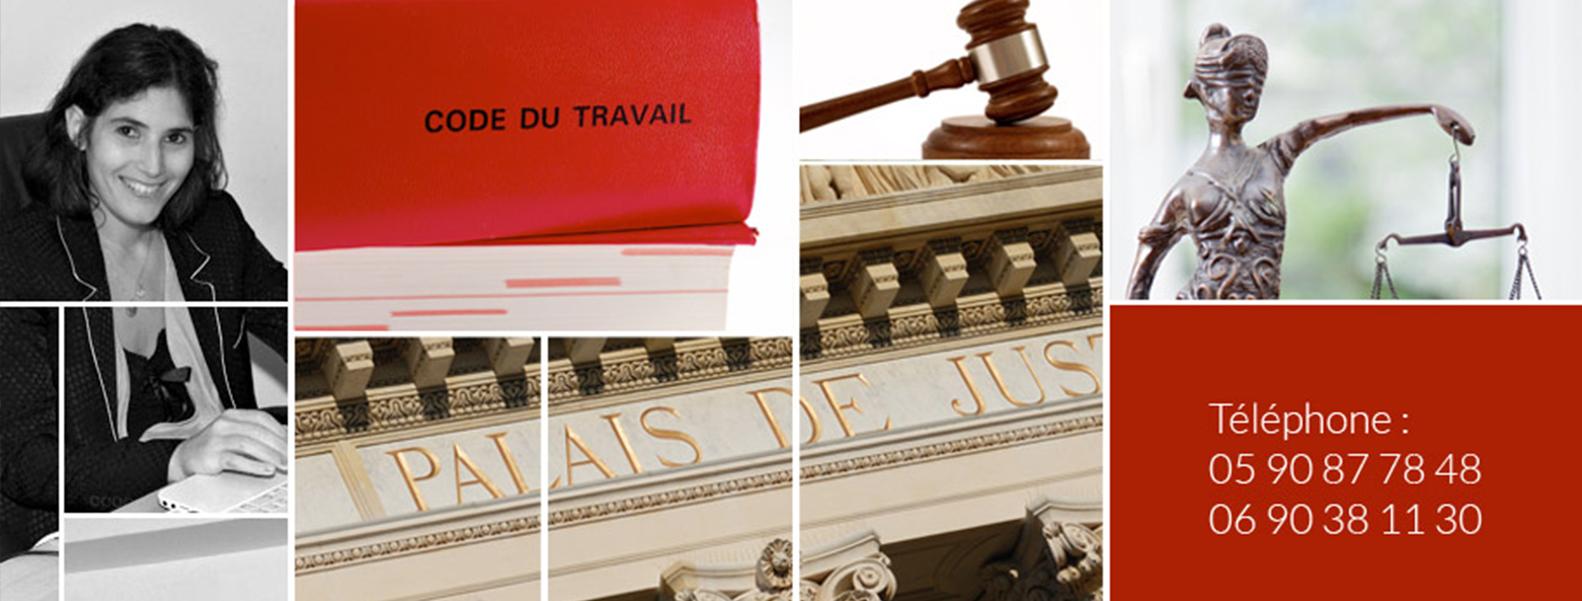 Slider coordonnées du site de Maïtre Carsalade, avocat à Saint Barthe et pratiquant le droit civil, le droit pénal, le droit de la famille, le droit des affaires et le droit du travail.